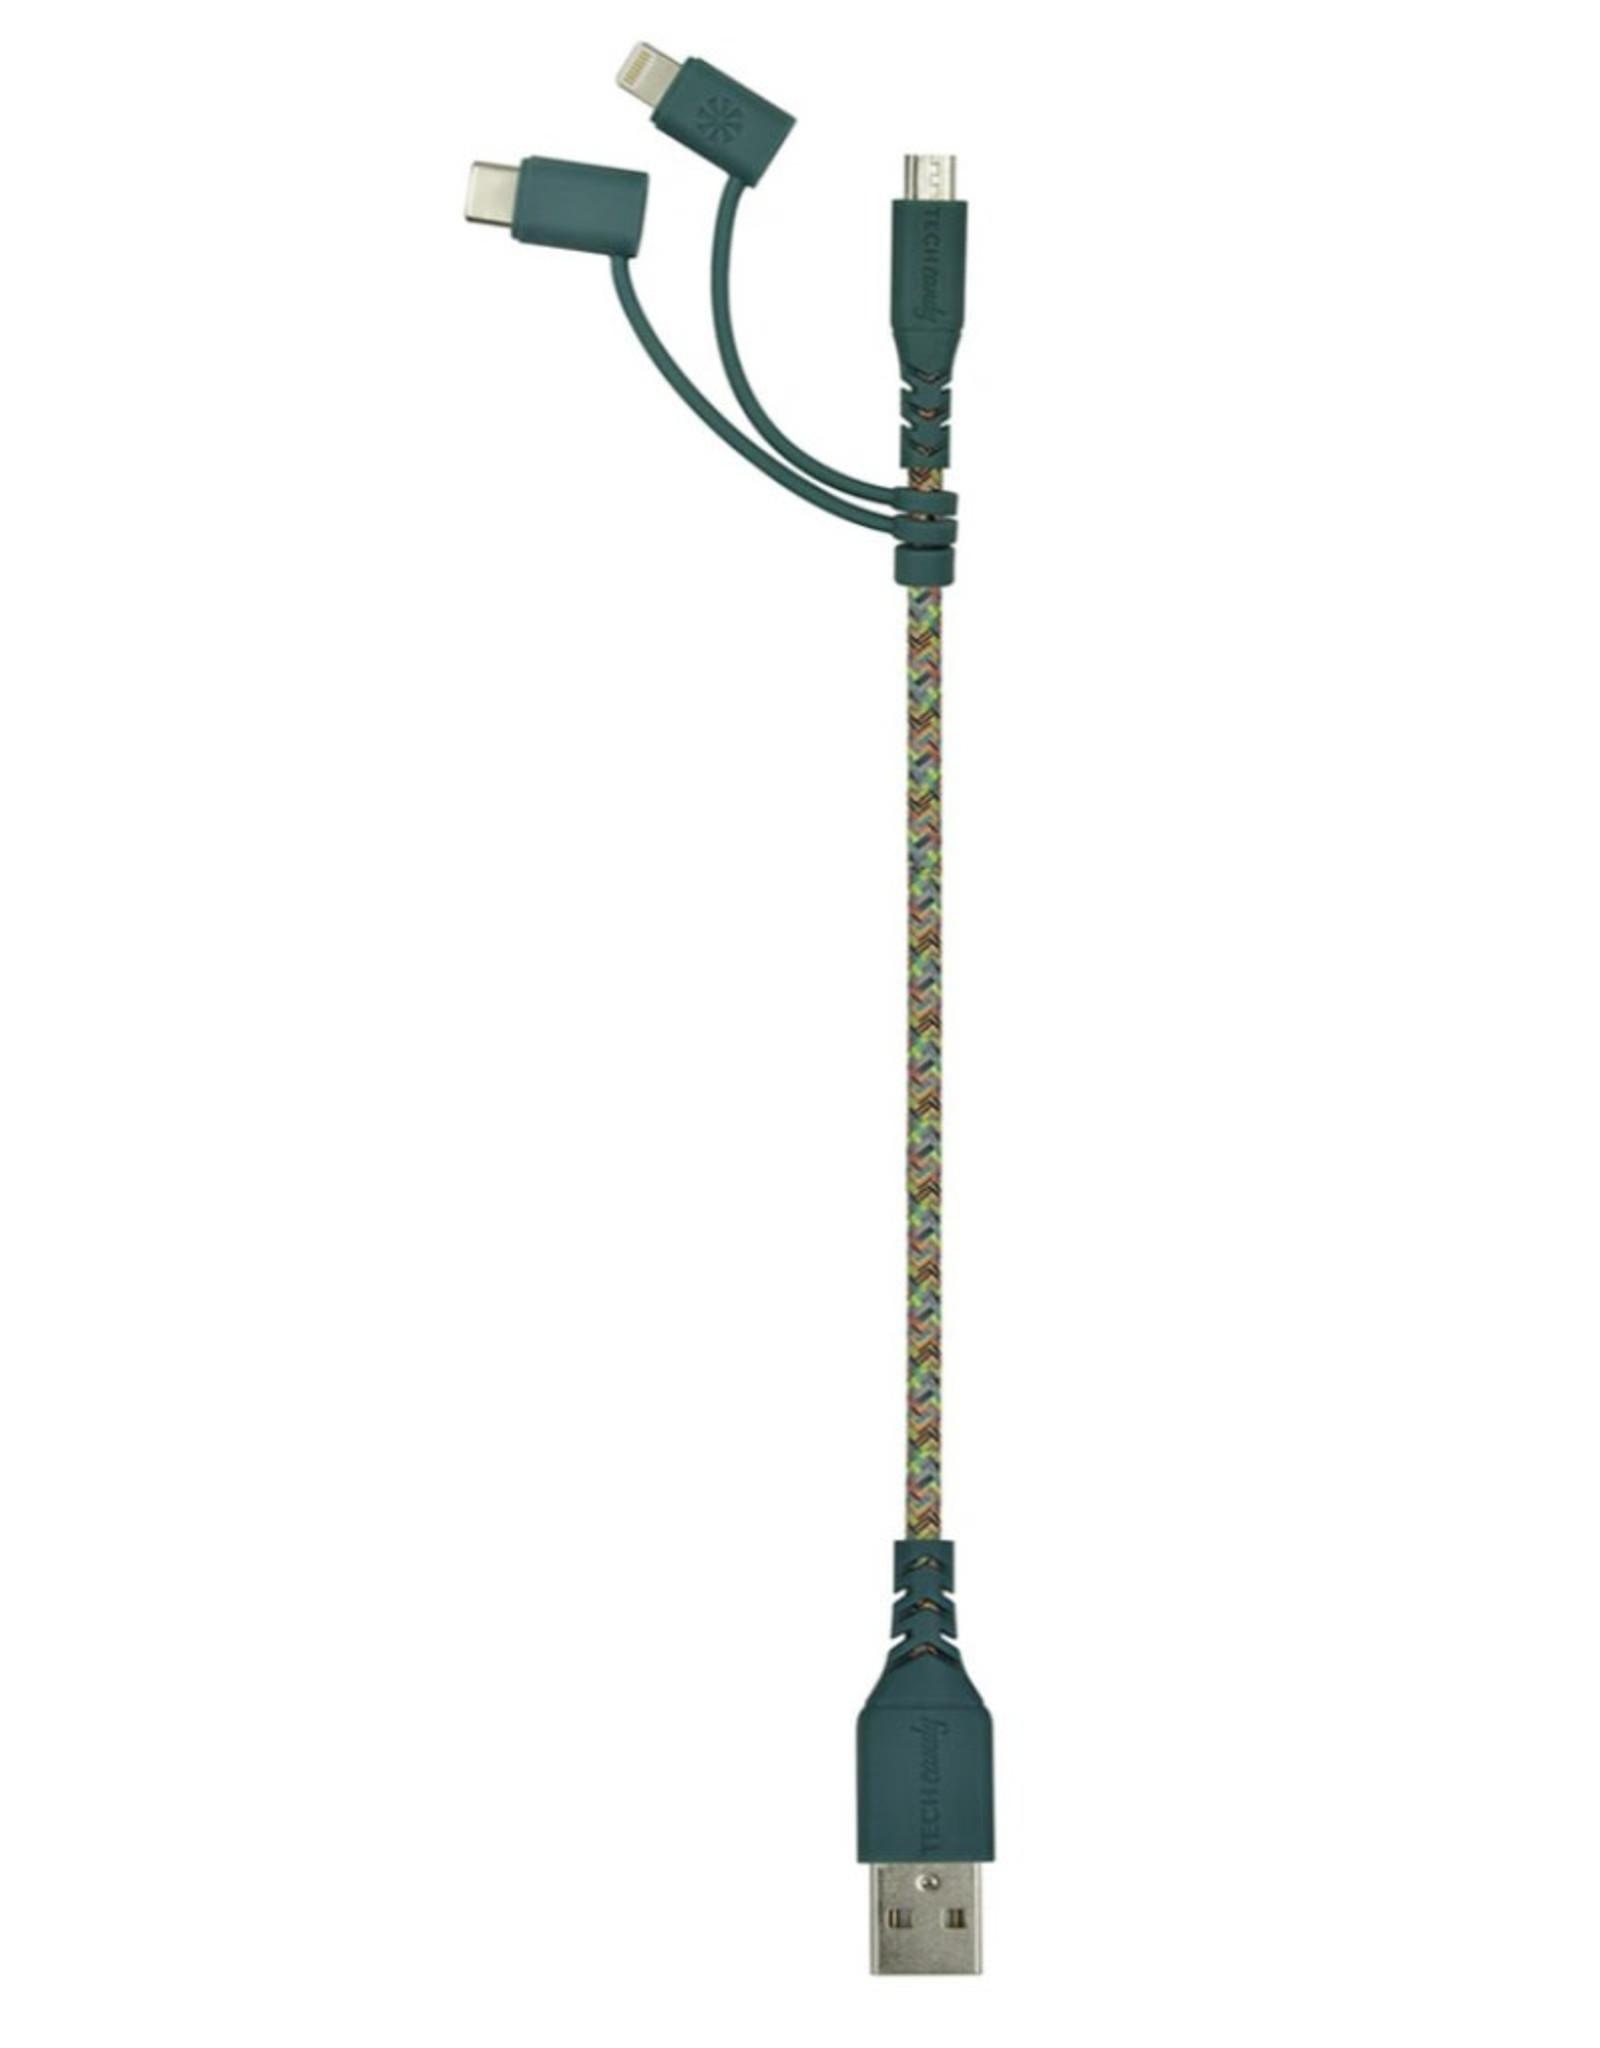 Mini USB Cable - 6 Inch - Multi